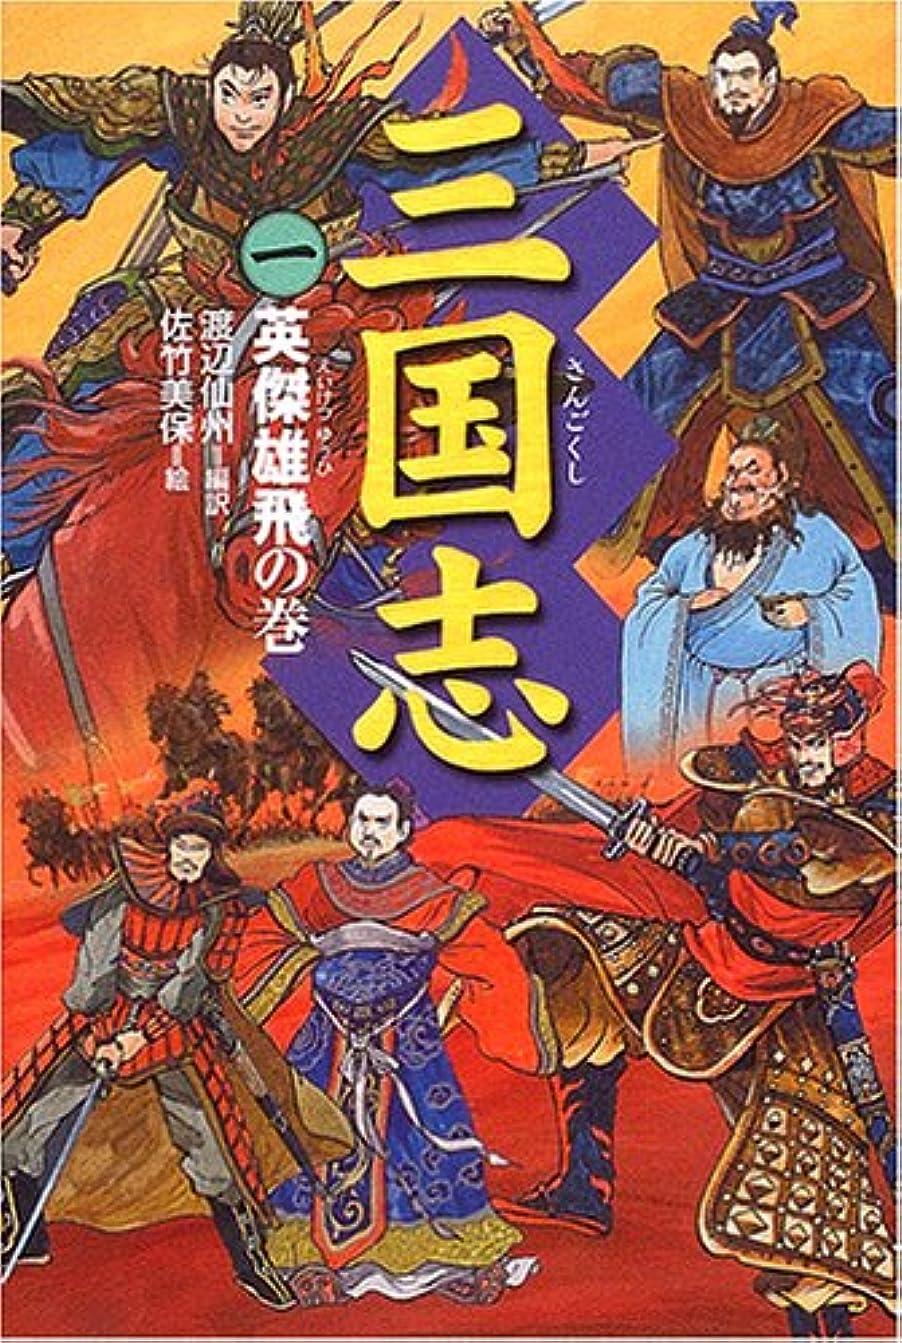 素敵な重さペストドラえもんの社会科おもしろ攻略 日本を変えた世界の歴史[中世~近代] (ドラえもんの学習シリーズ)